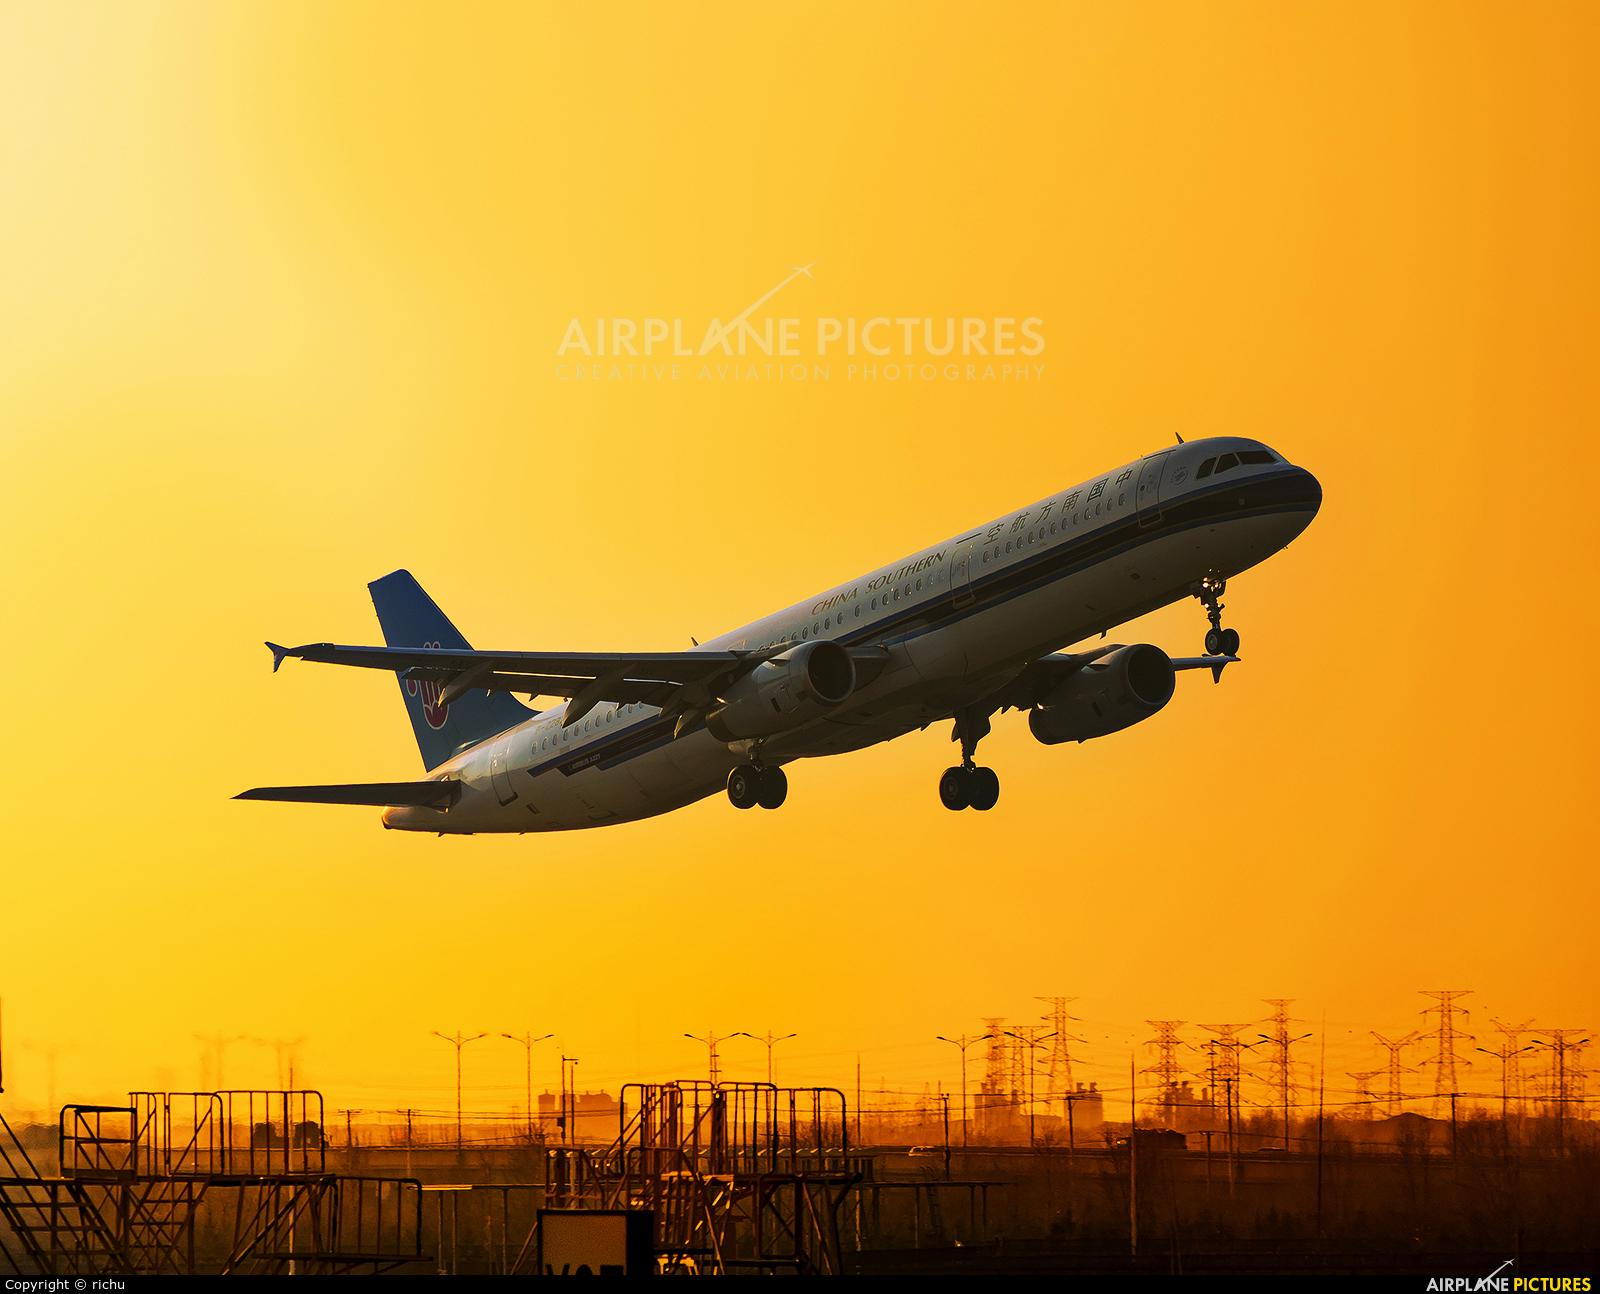 China Southern Airlines B-2282 aircraft at Shenyang-Taoxian